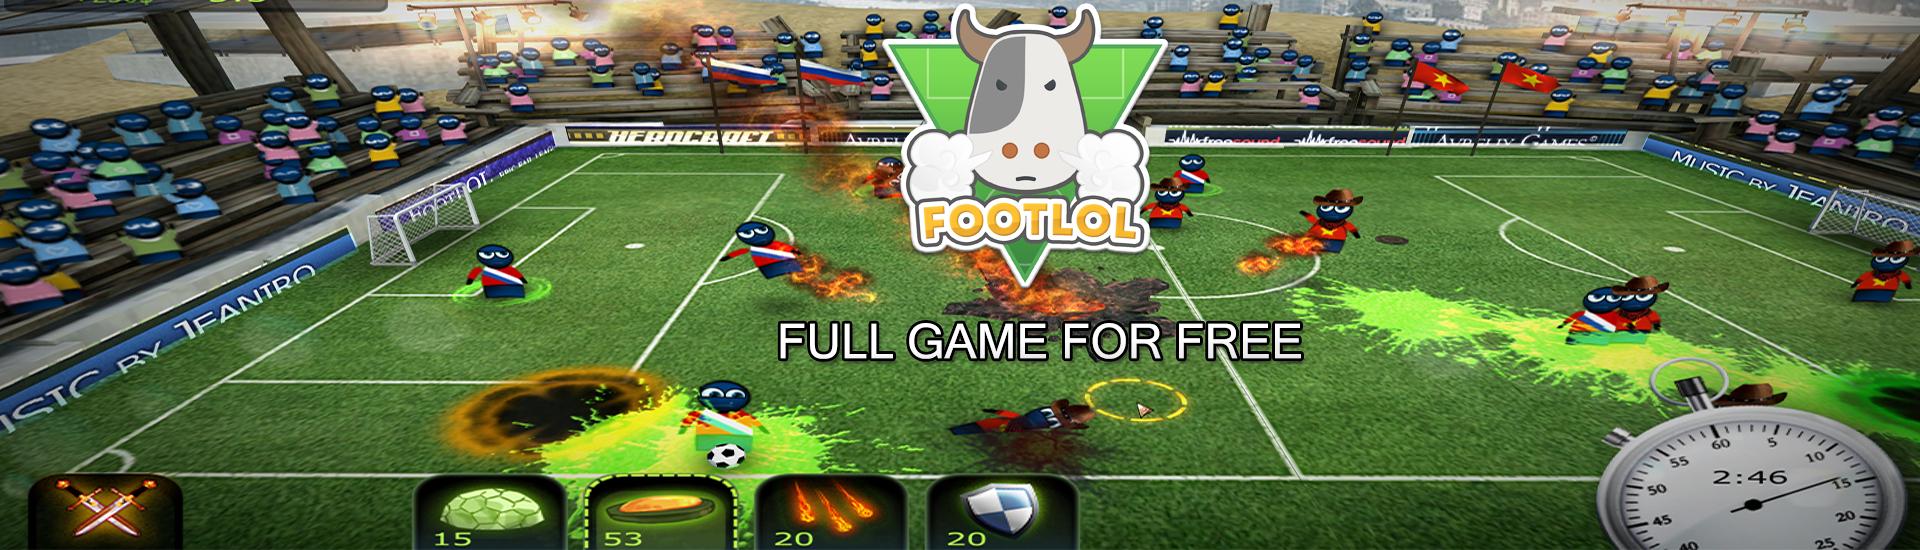 Gratis FootLOL: Epic Fail League @Indiegala